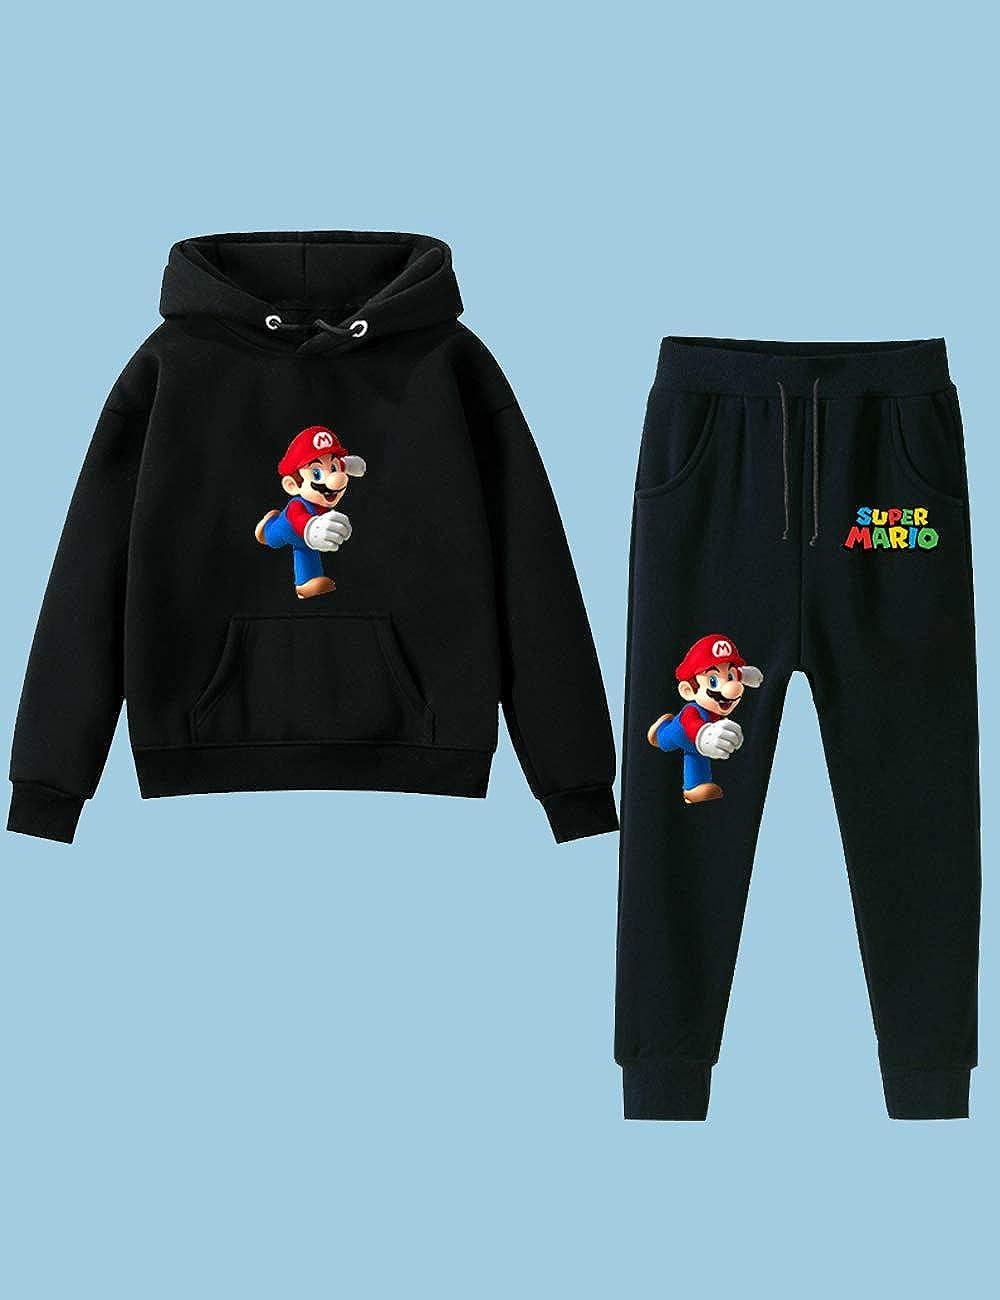 Sportiva Stile Super Mario Felpa e Pantaloni per Bambini,Super Mari Bros Manica Lunga con Cappuccio e Pantaloni per Ragazzi Ragazzi Hoodie Pullover